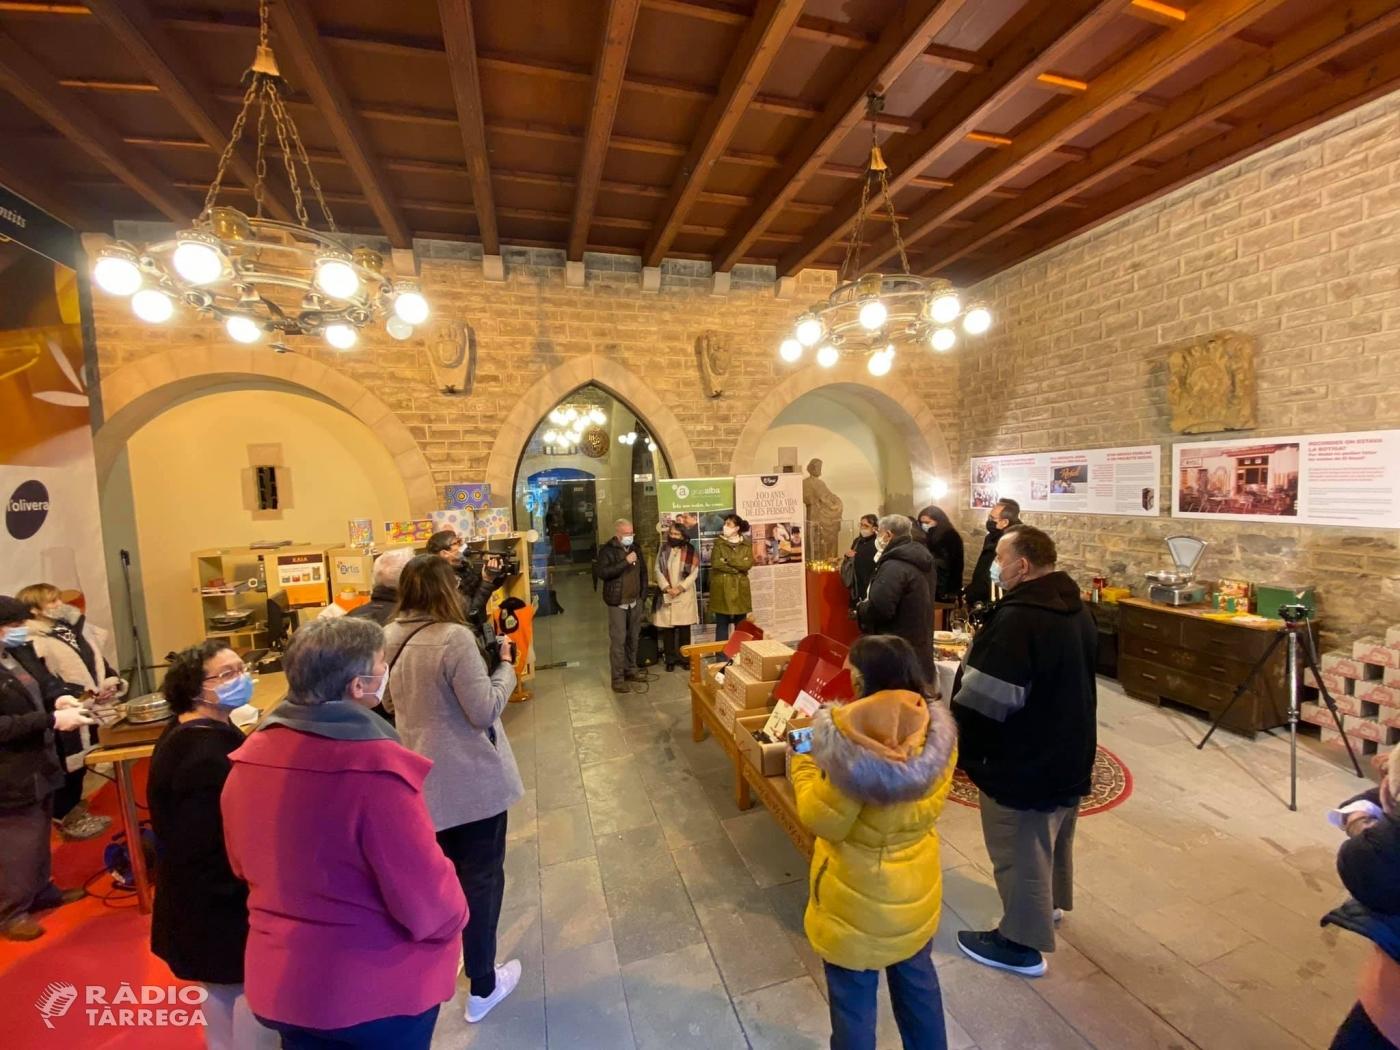 L'obrador de galetes El Rosal inaugura una exposició sobre els 100 anys de la marca